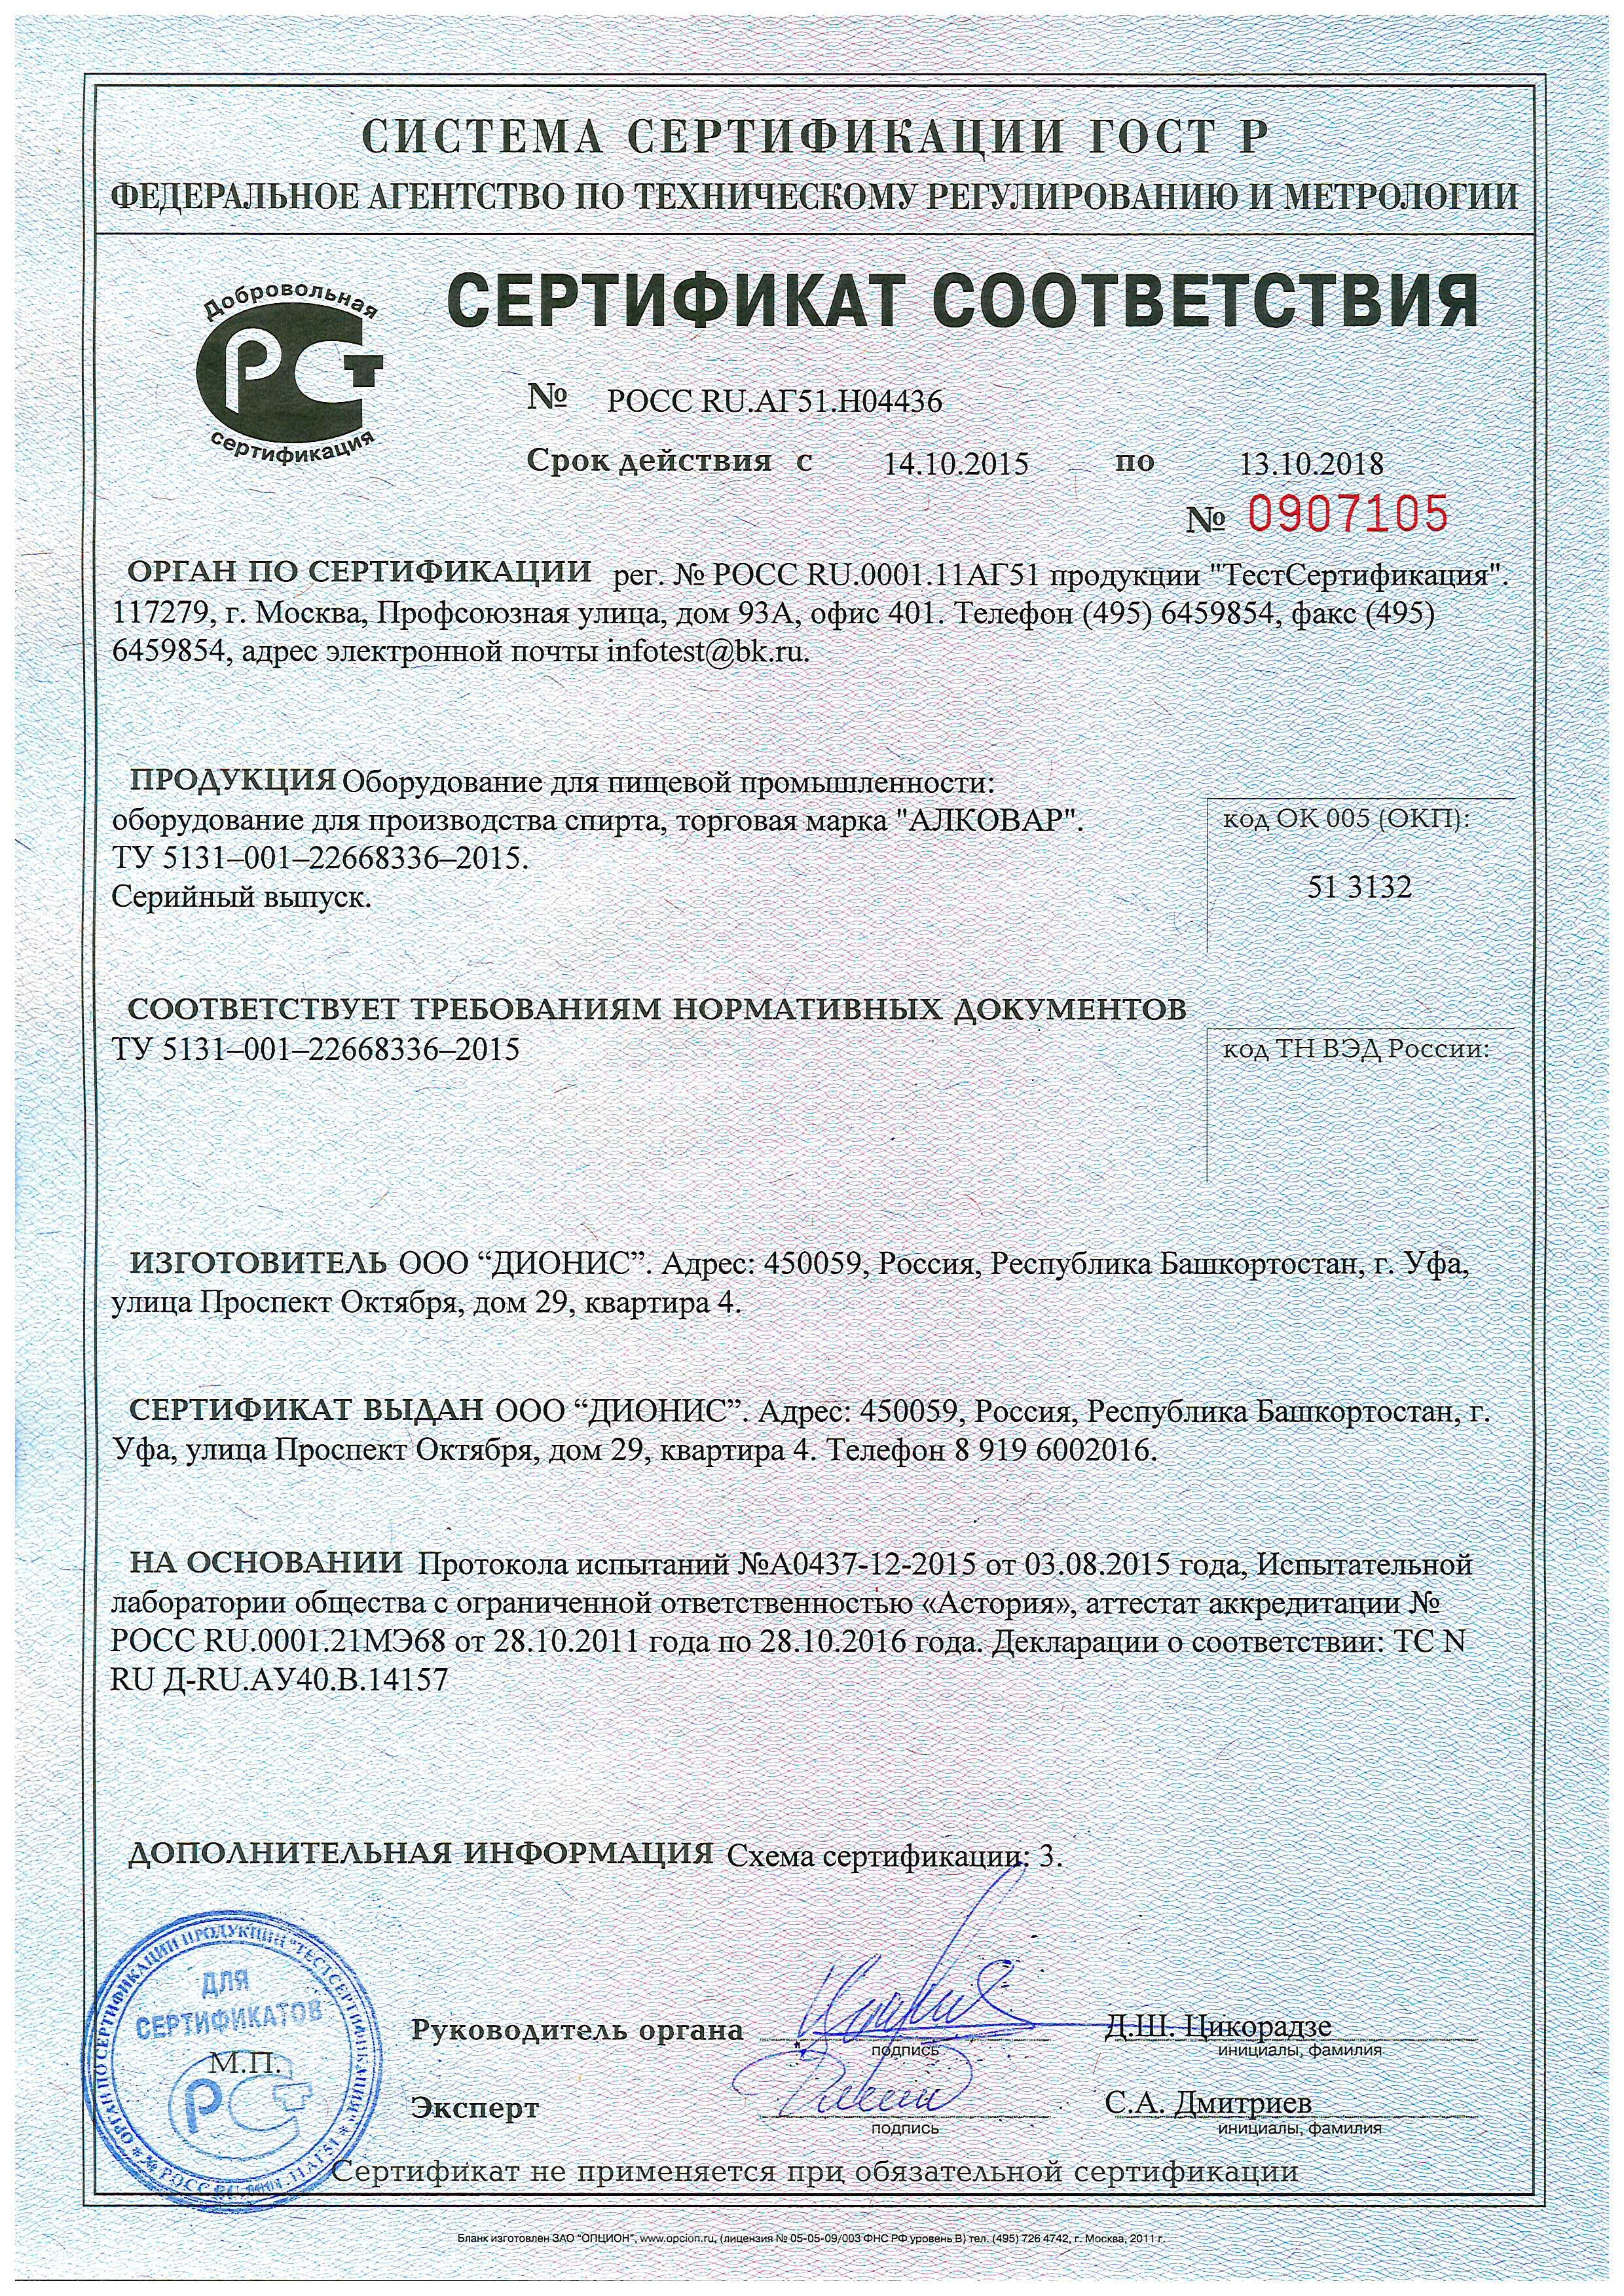 Сертификат соответсвия на самогонные аппараты АЛКОВАР